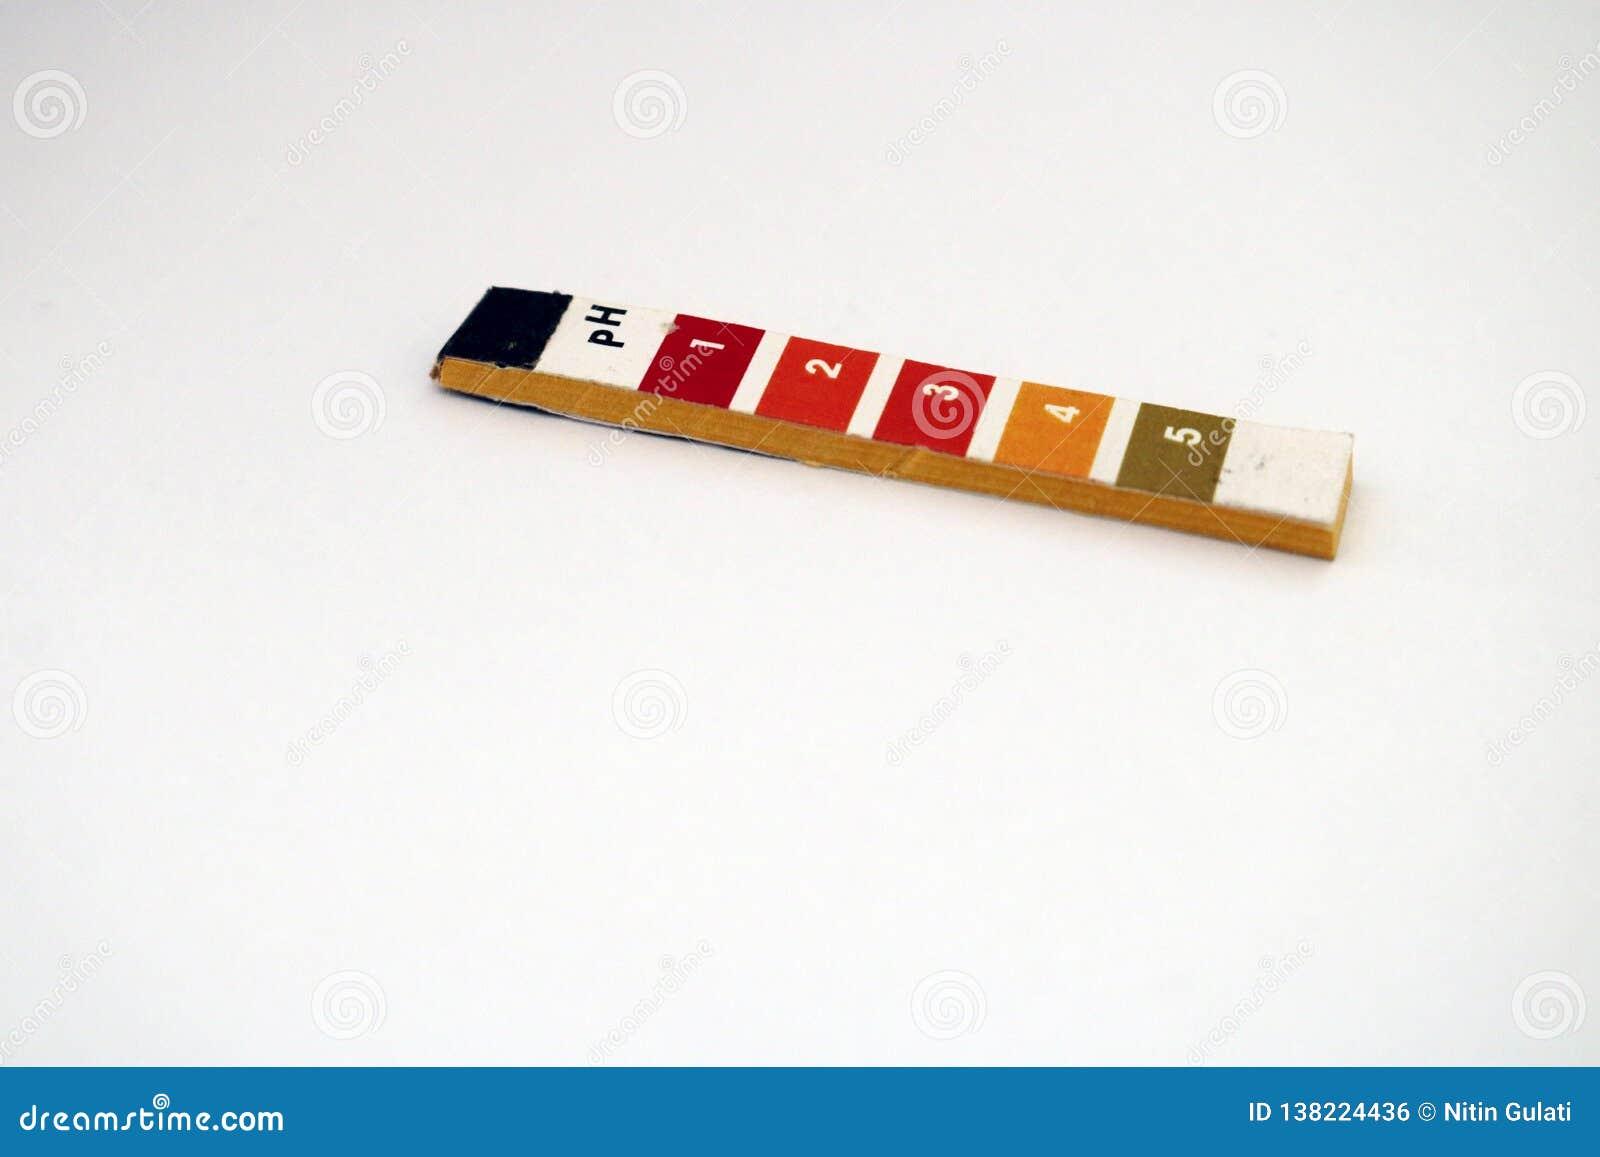 Un mazzo di cartina al tornasole di pH che visualizza le marcature acide